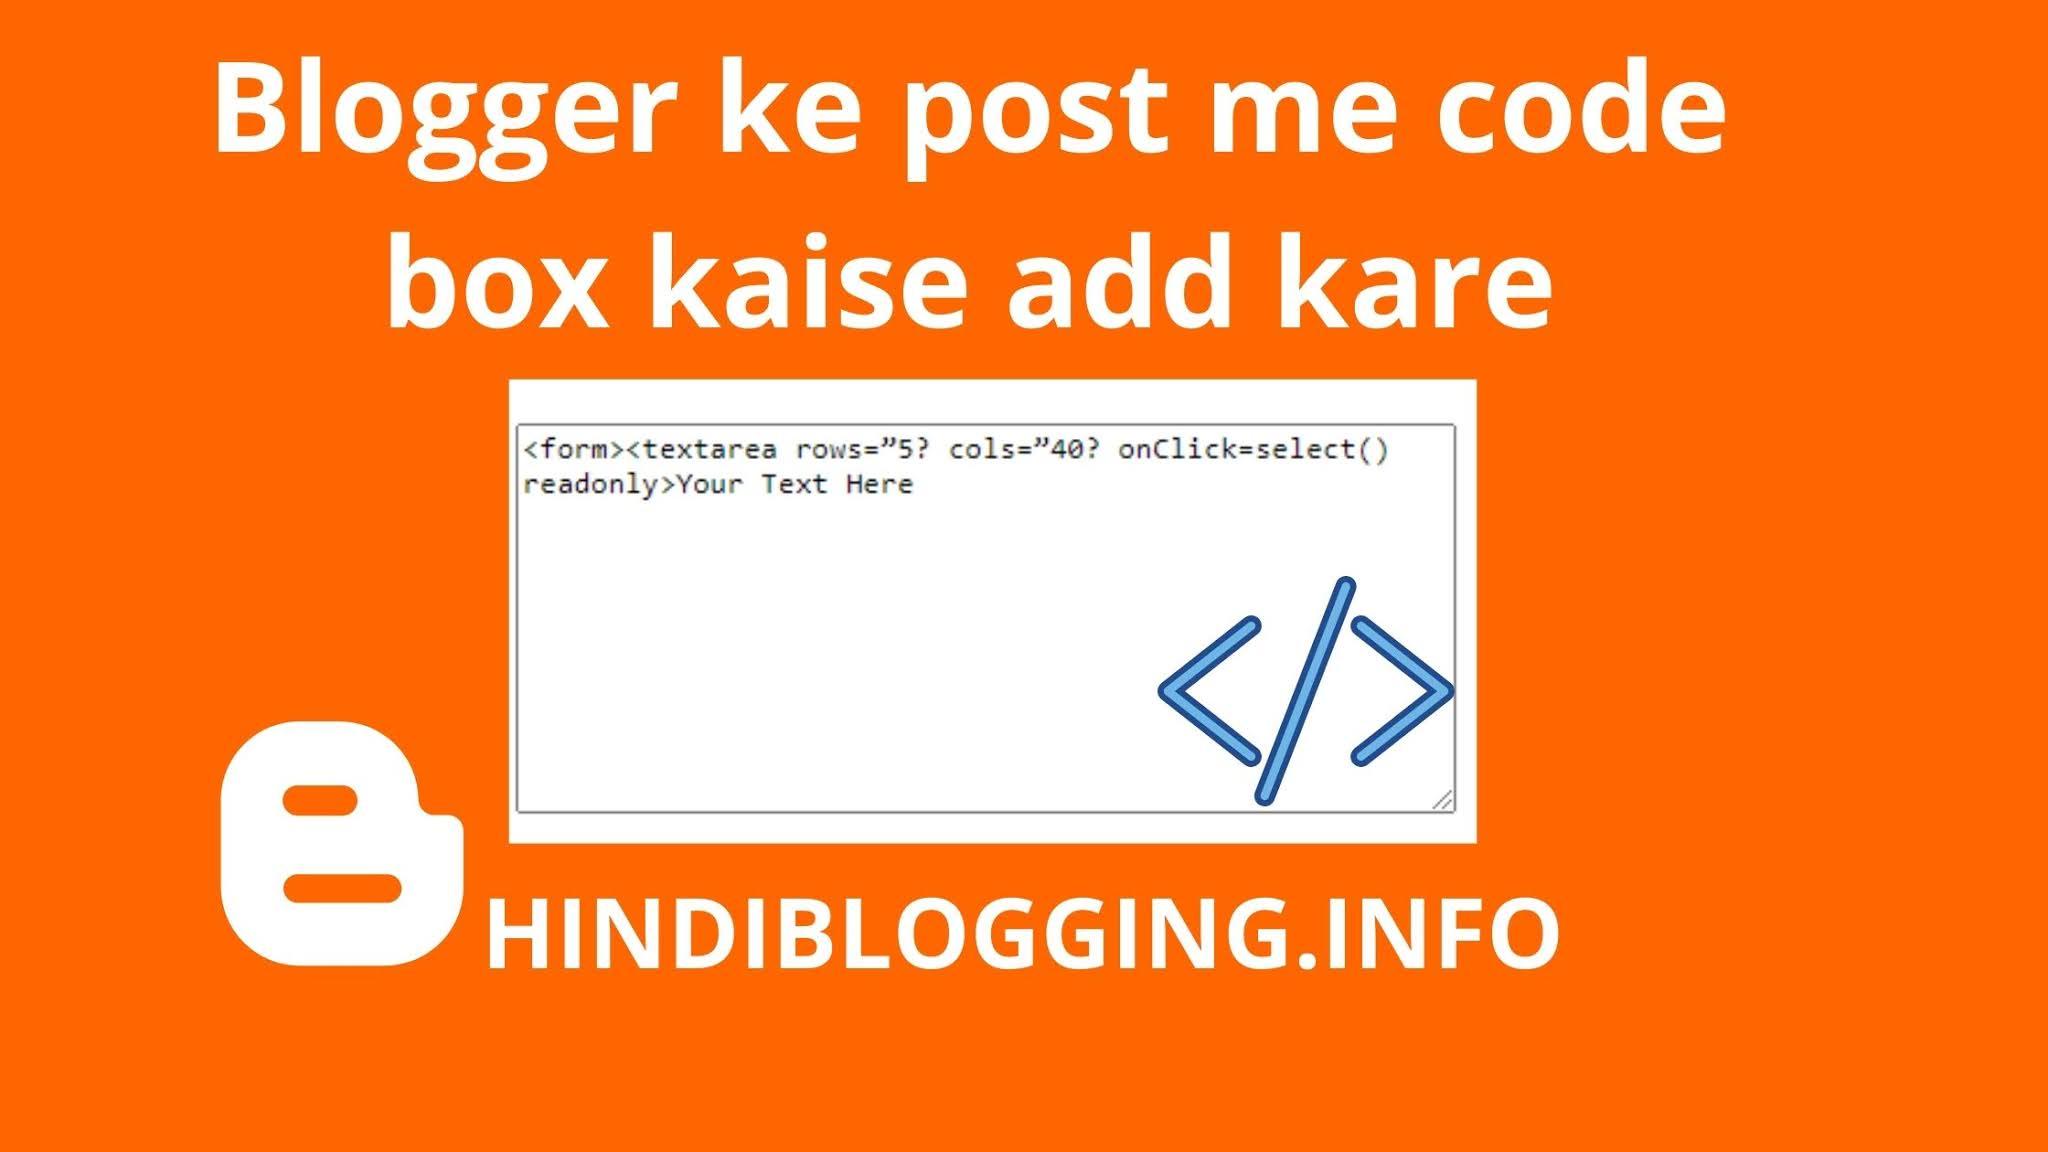 Blogger ke post me code box kaise add kare